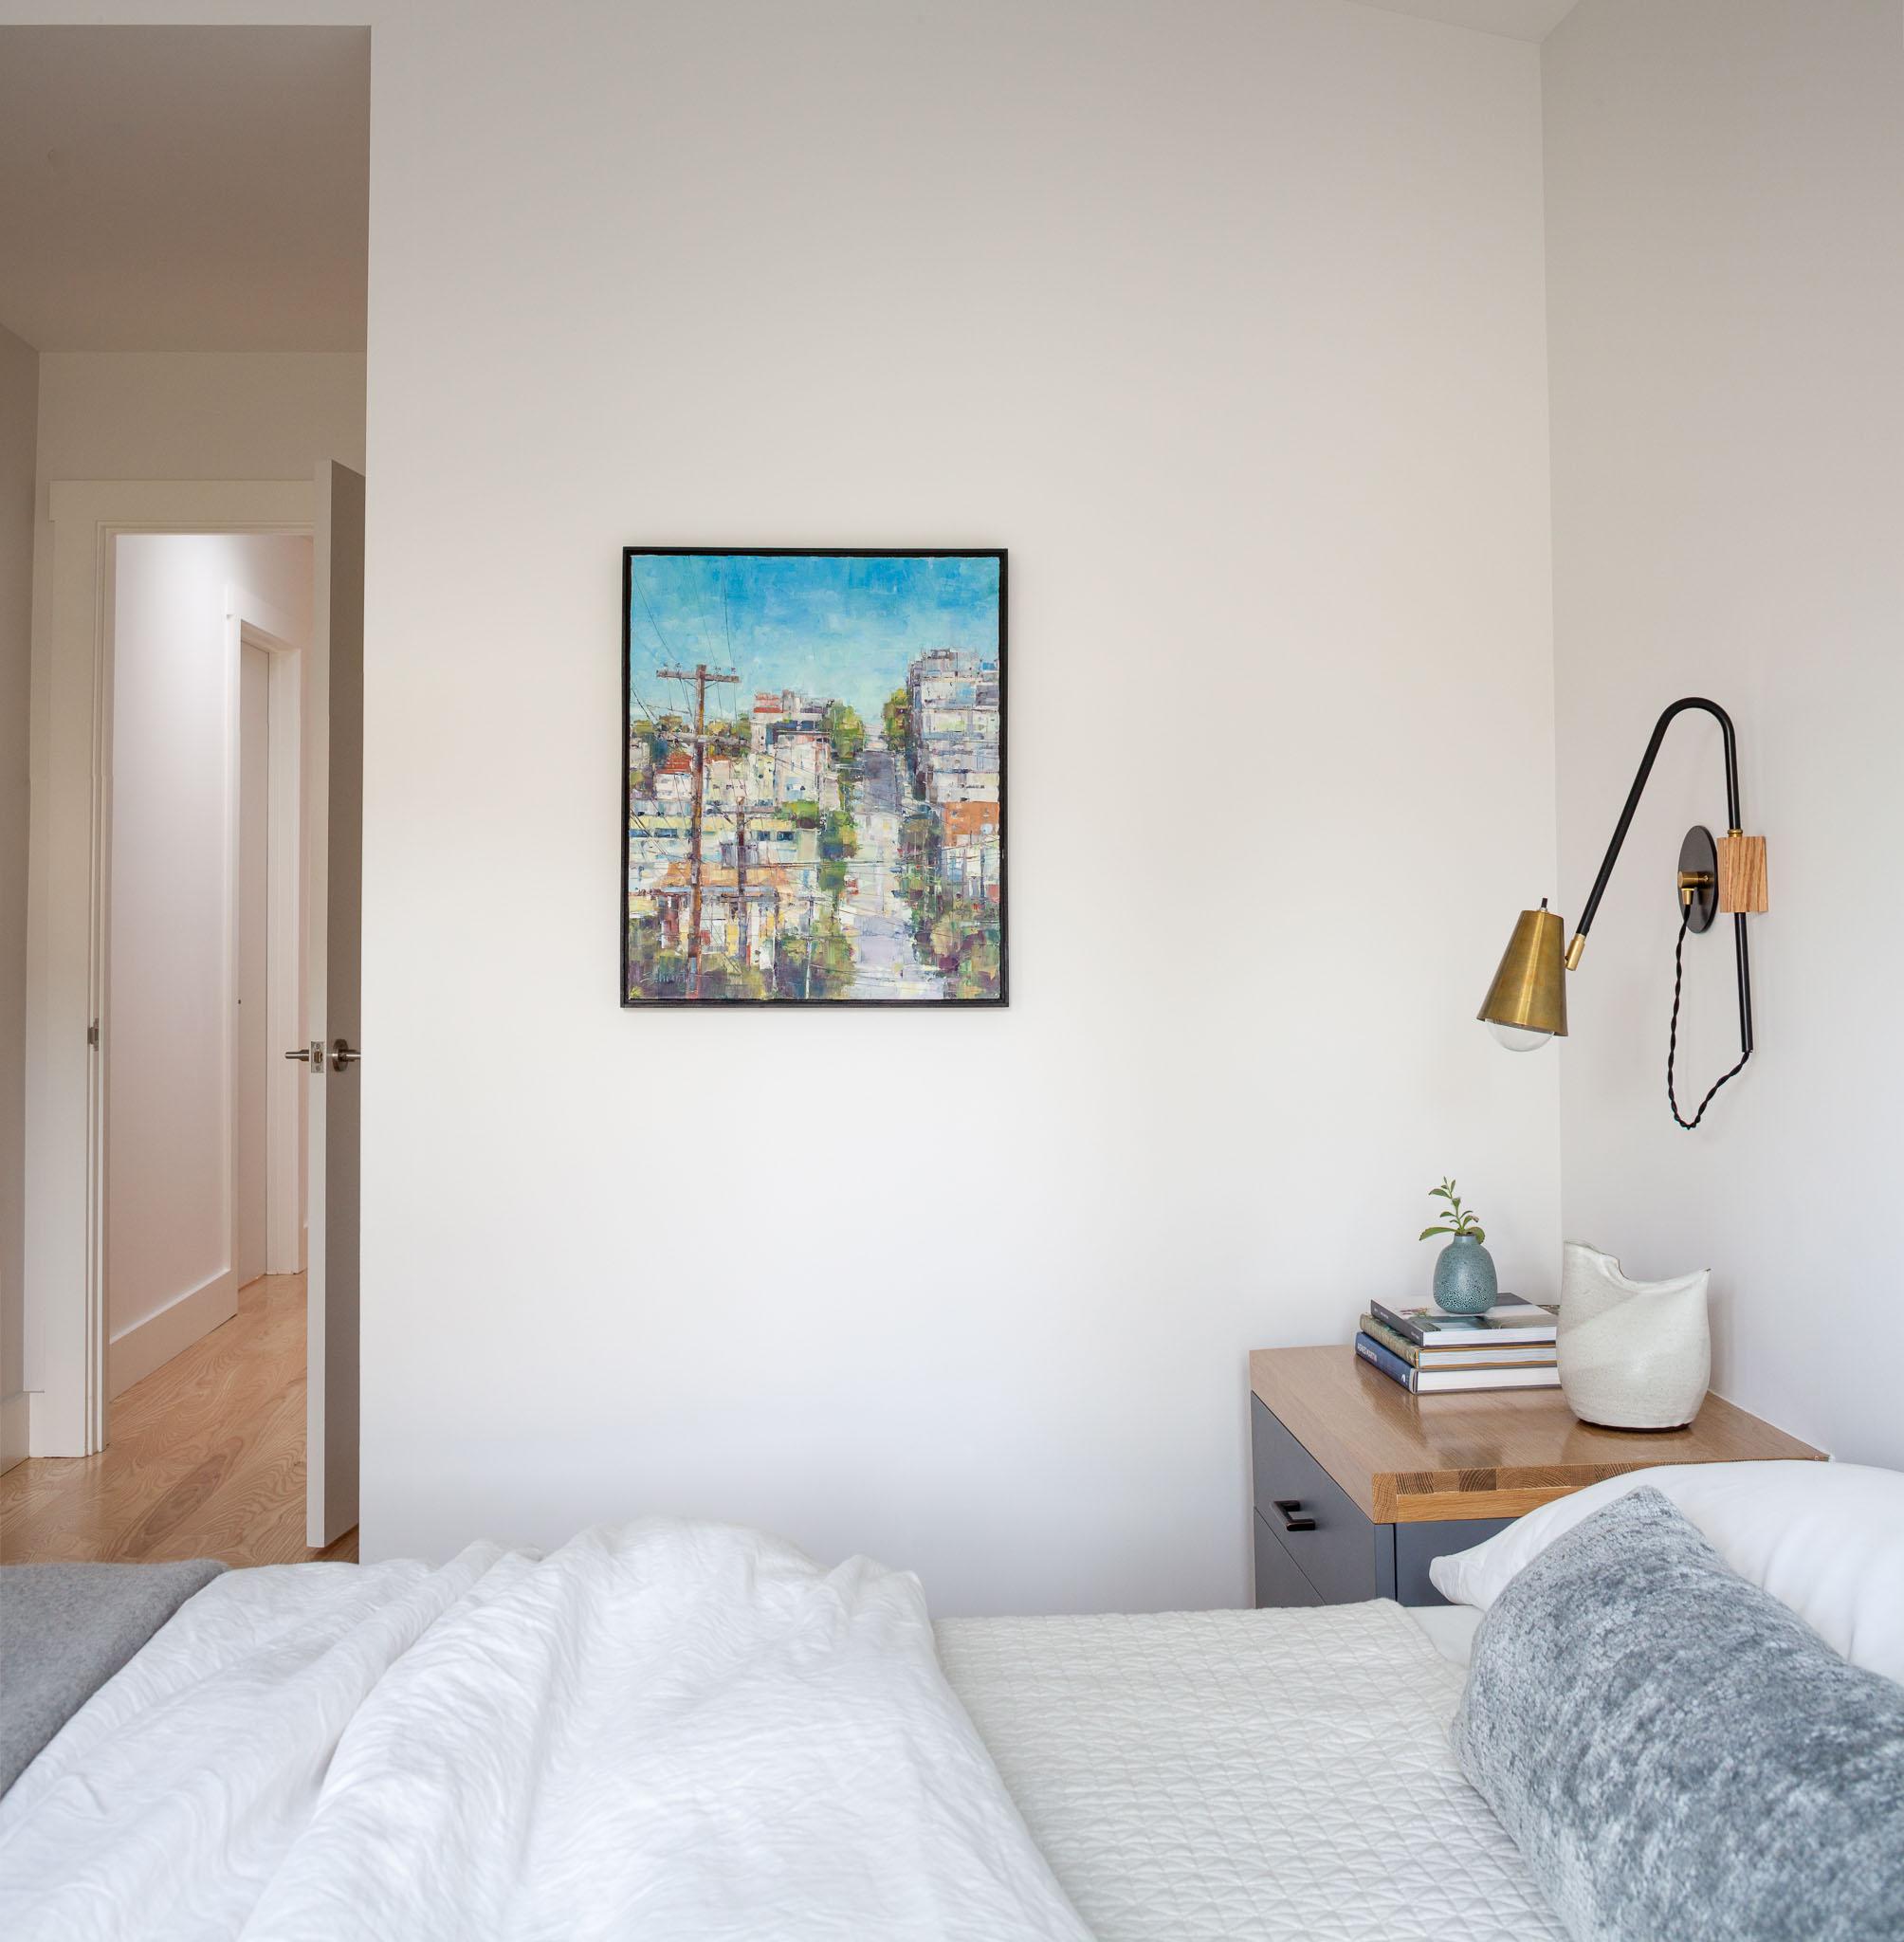 seaside-bungalow-bedroom-detail.jpg